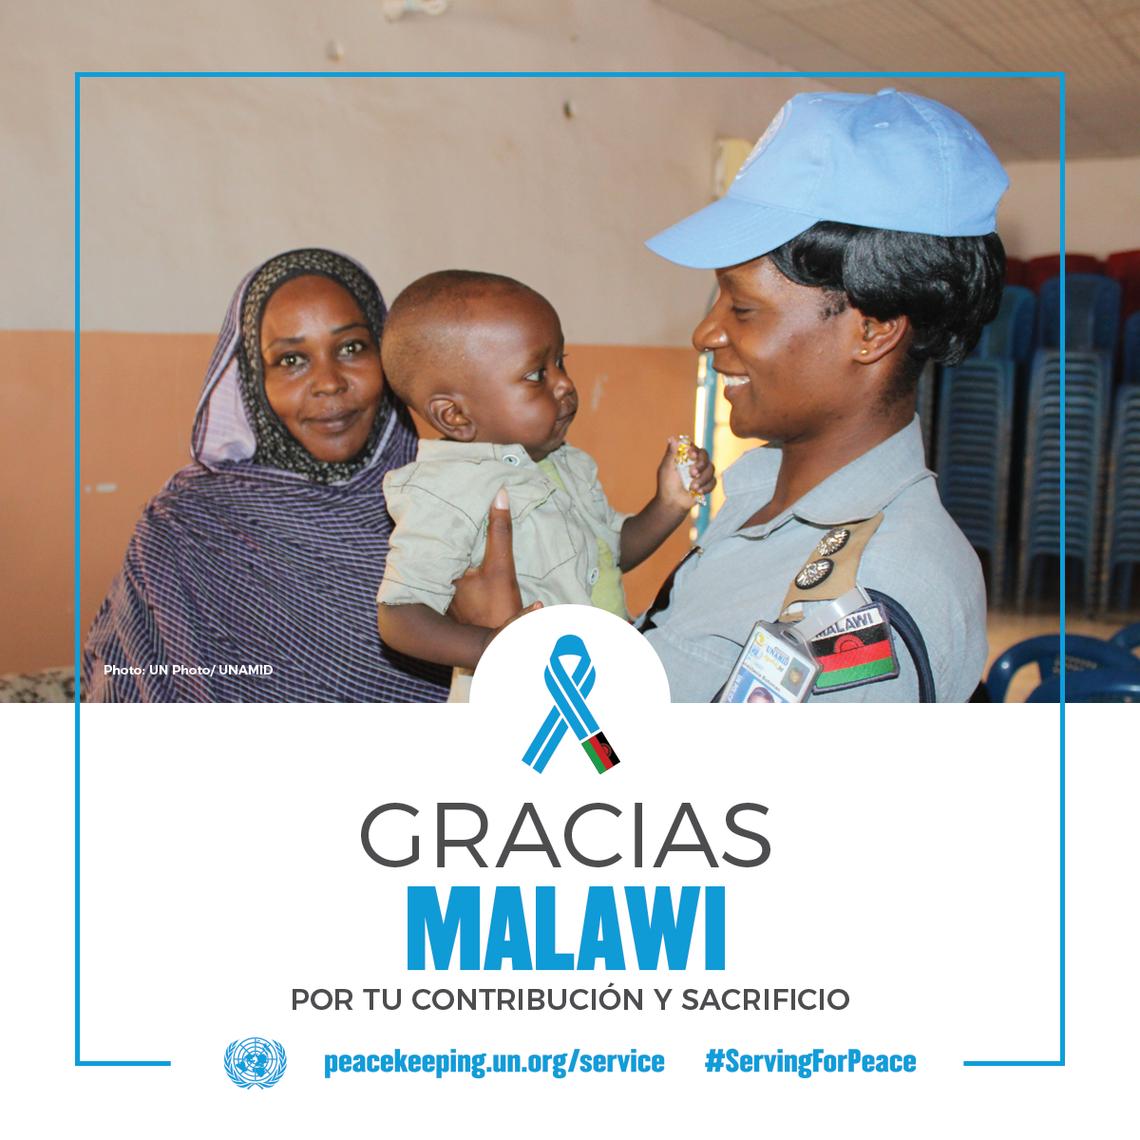 Gracias Malawi